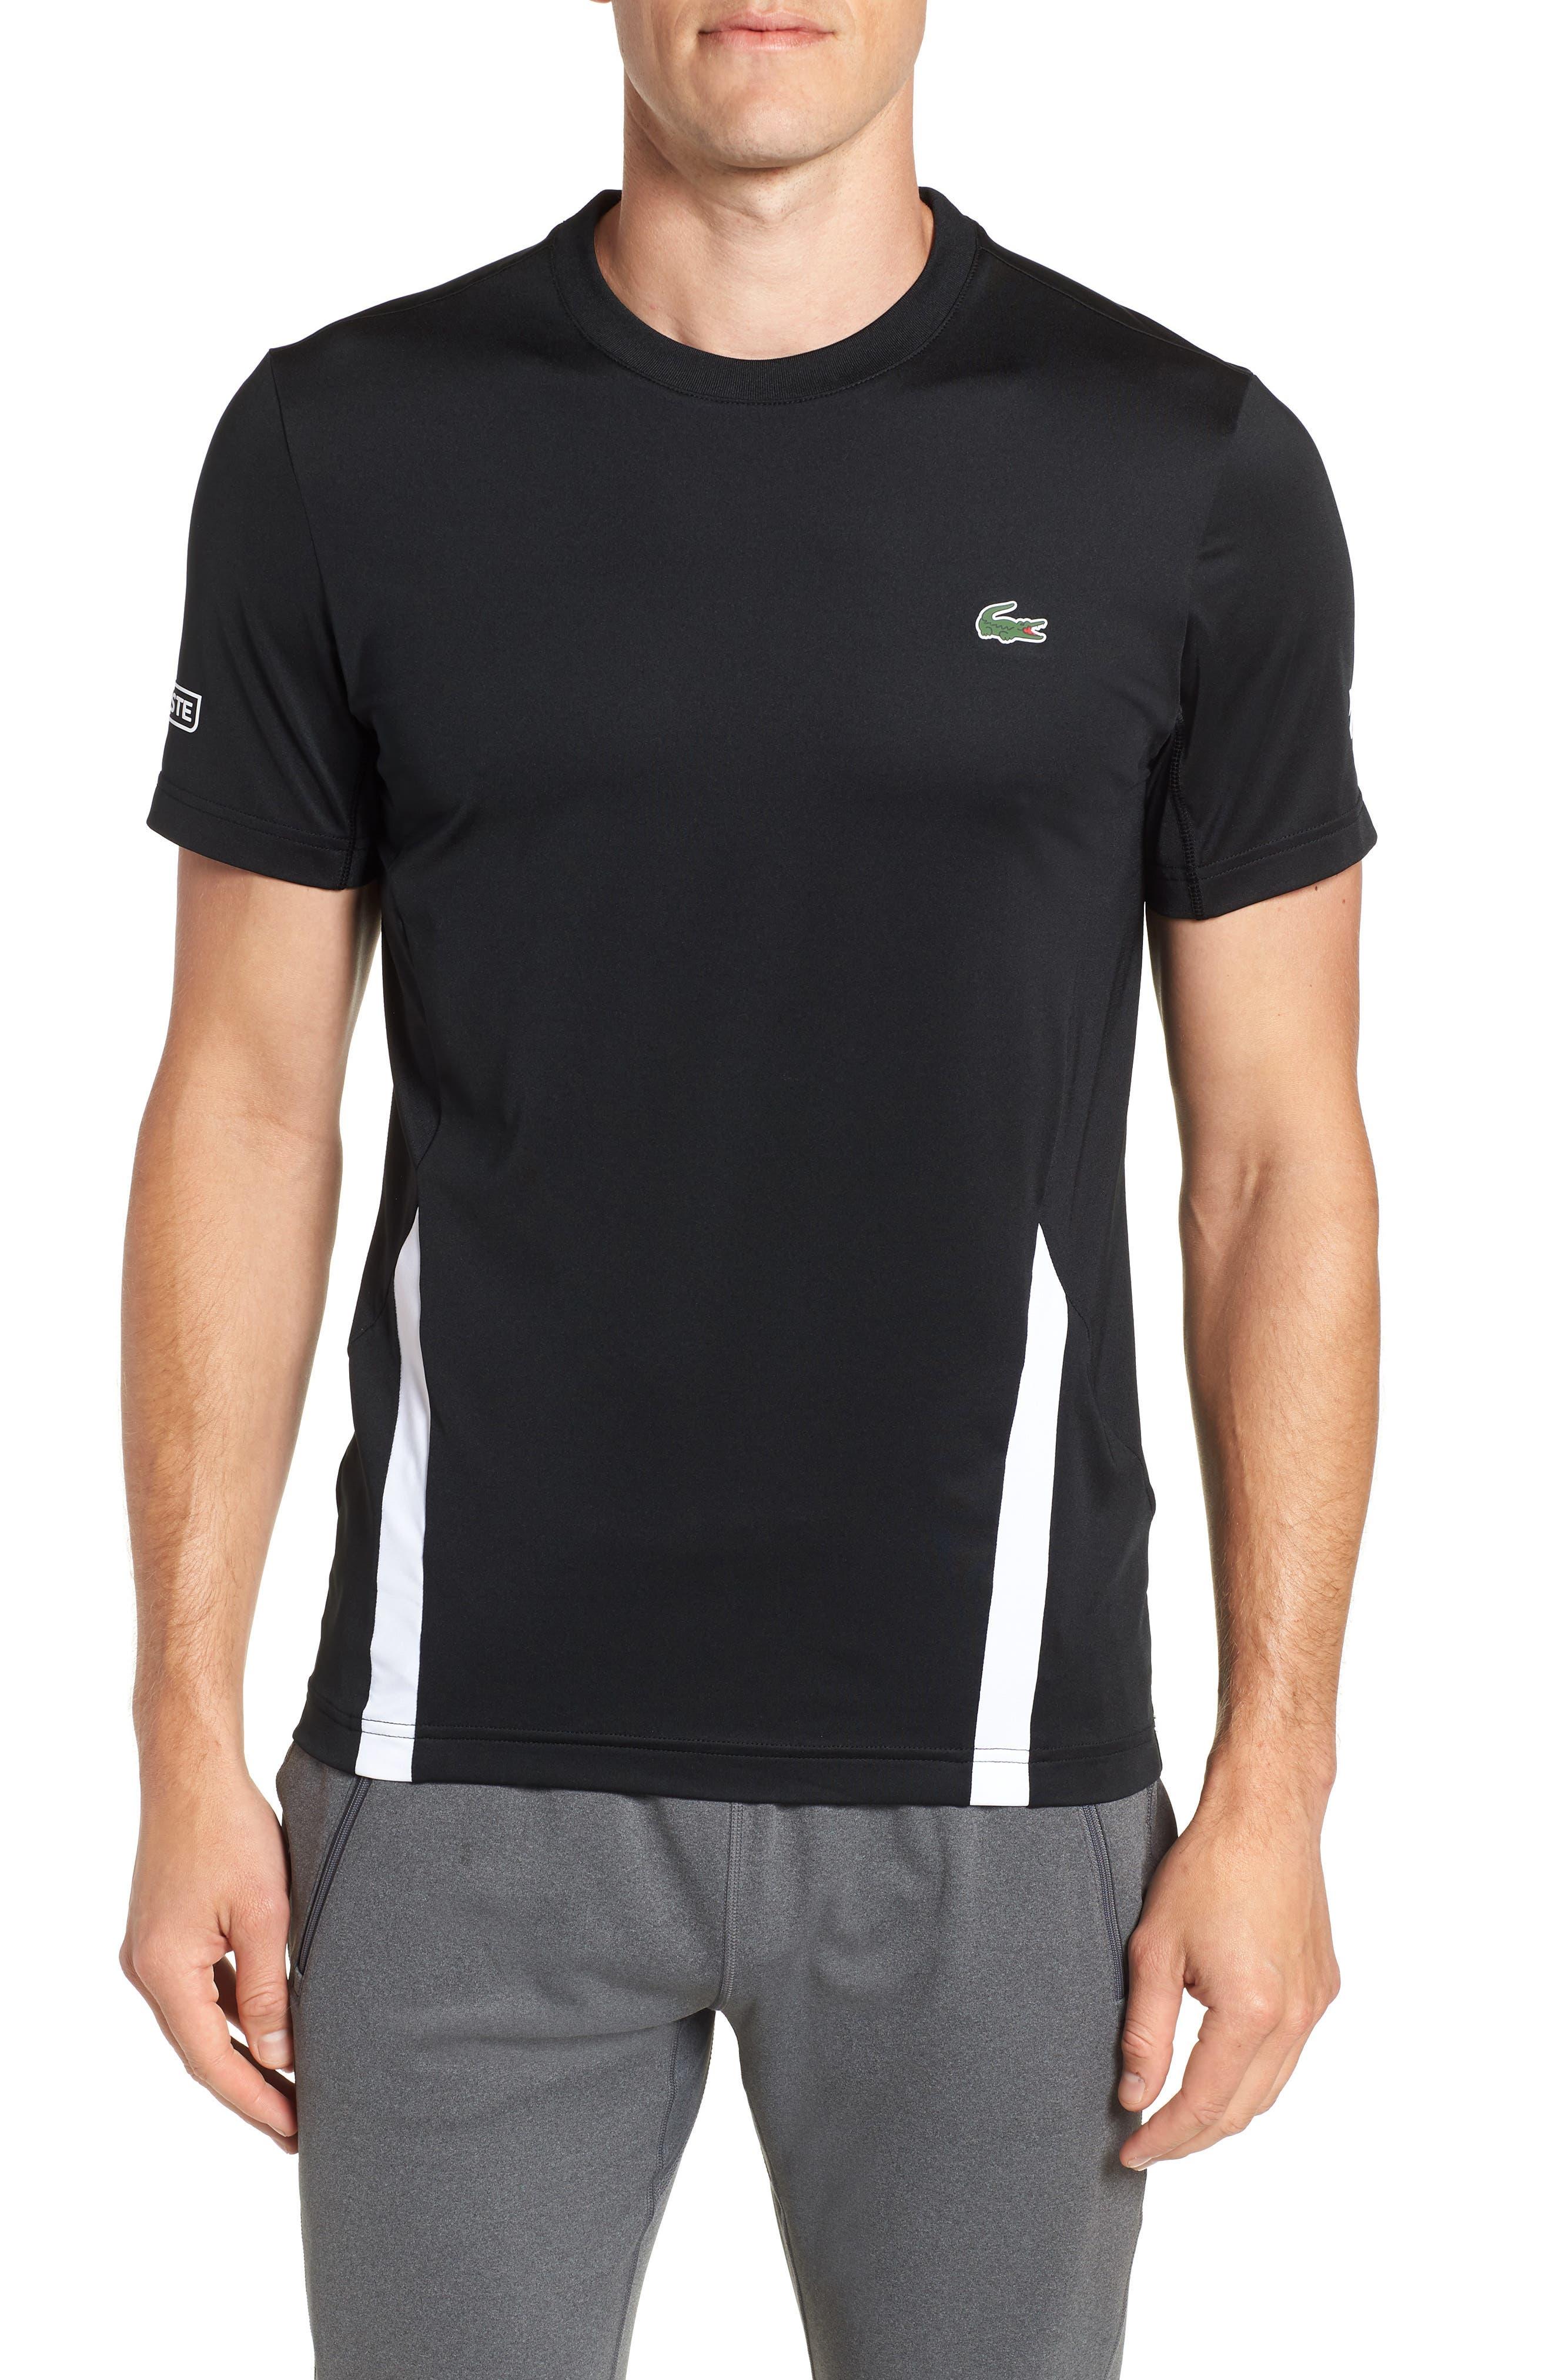 Regular Fit Novak Performance T-Shirt,                             Main thumbnail 1, color,                             BLACK/ WHITE